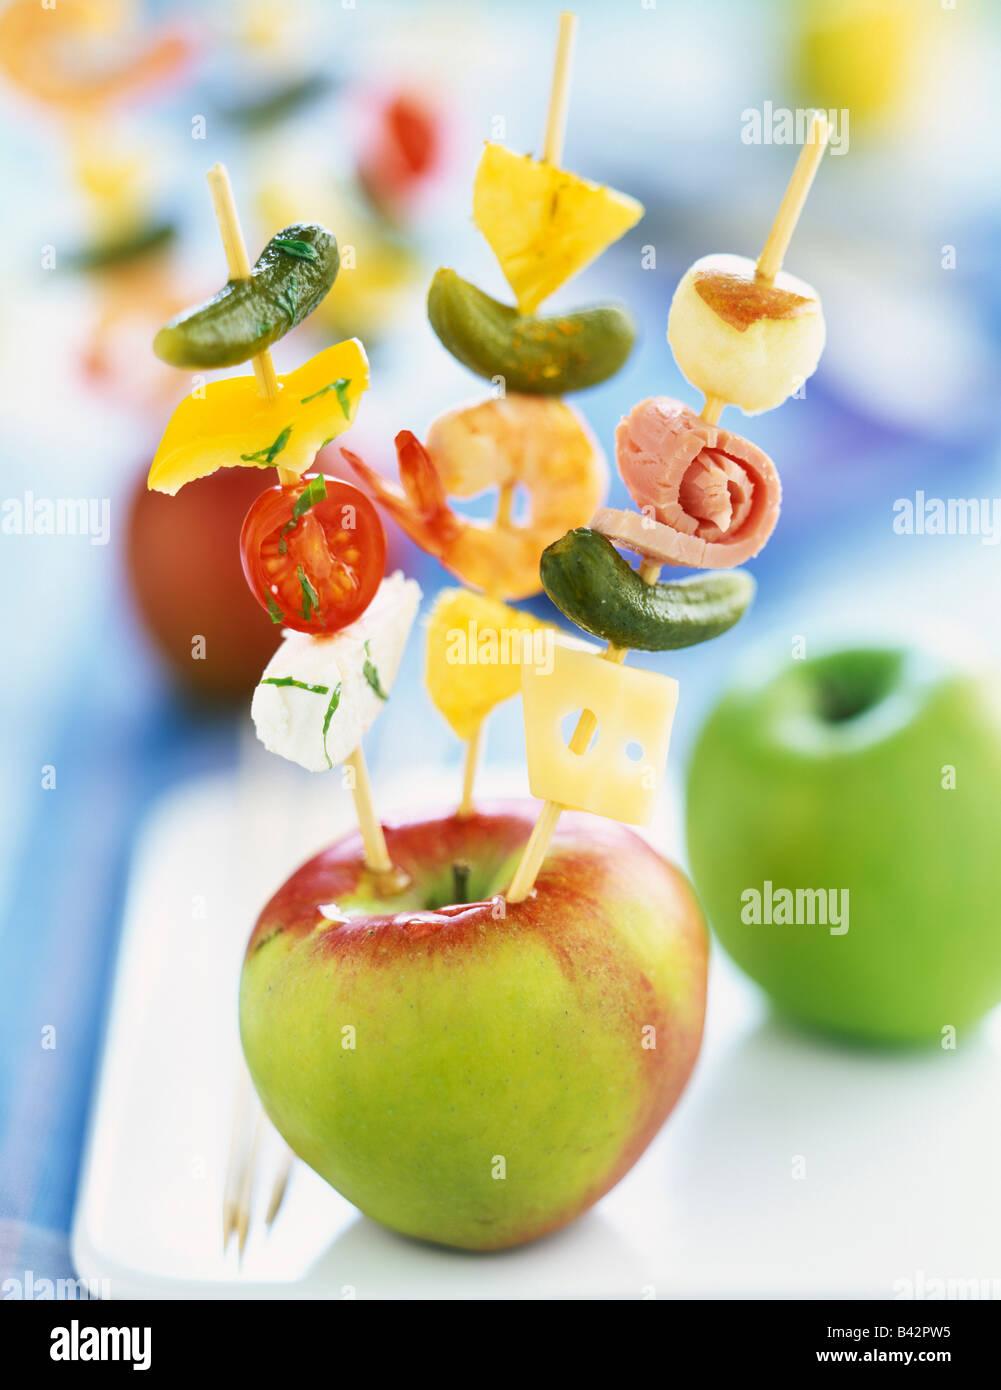 Brochettes apéritif piqués dans un apple Photo Stock